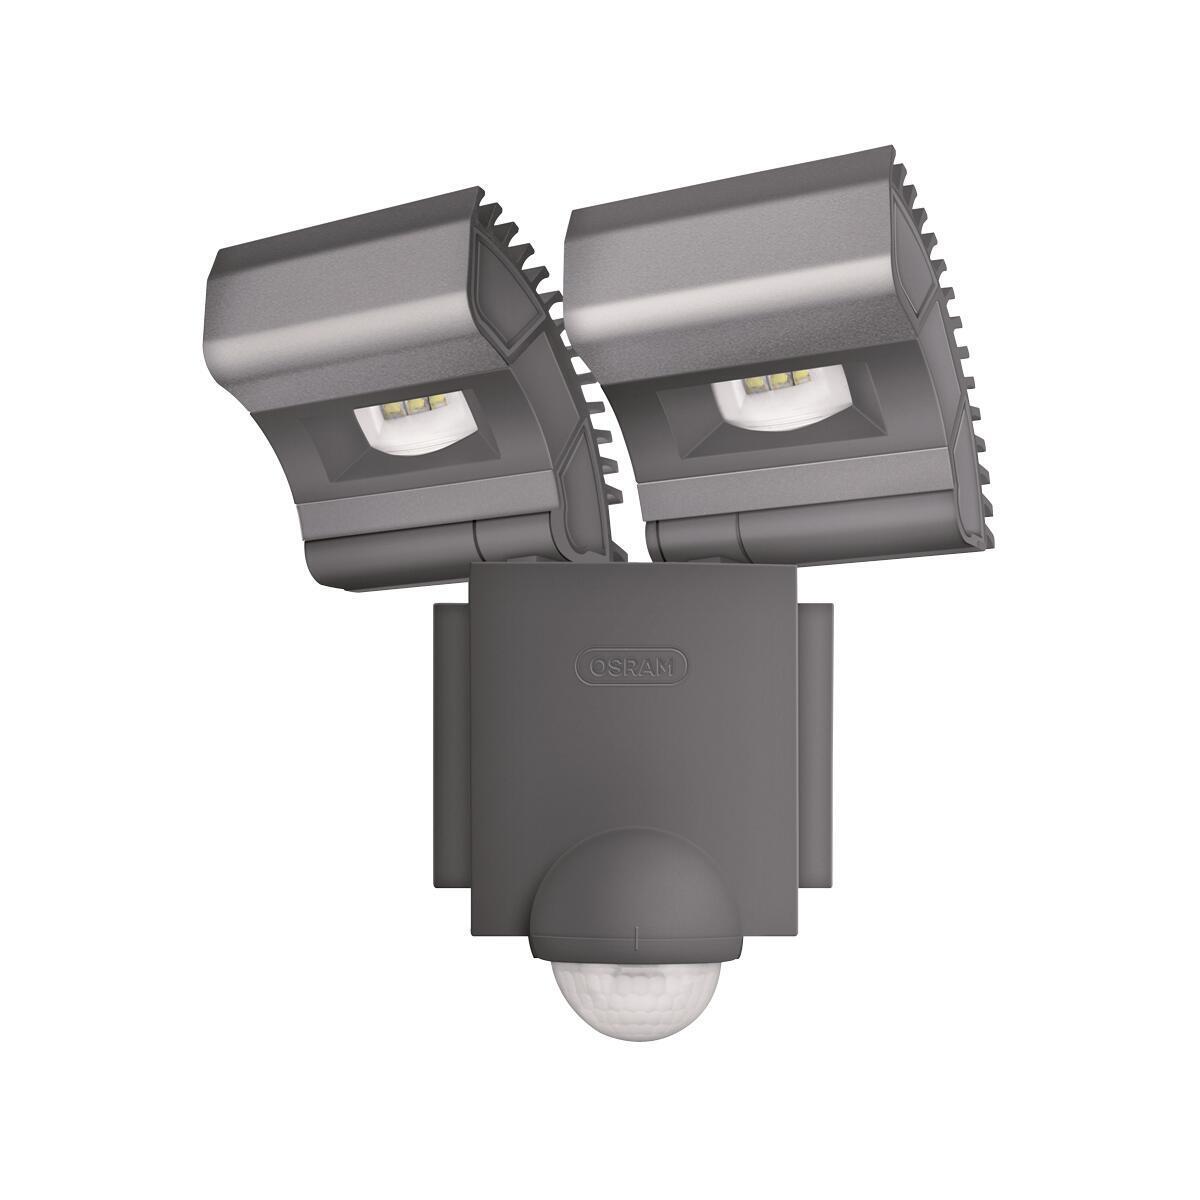 Proiettore LED integrato con sensore di movimento Noxlite in alluminio, grigio, 8W 1720LM IP44 OSRAM - 1